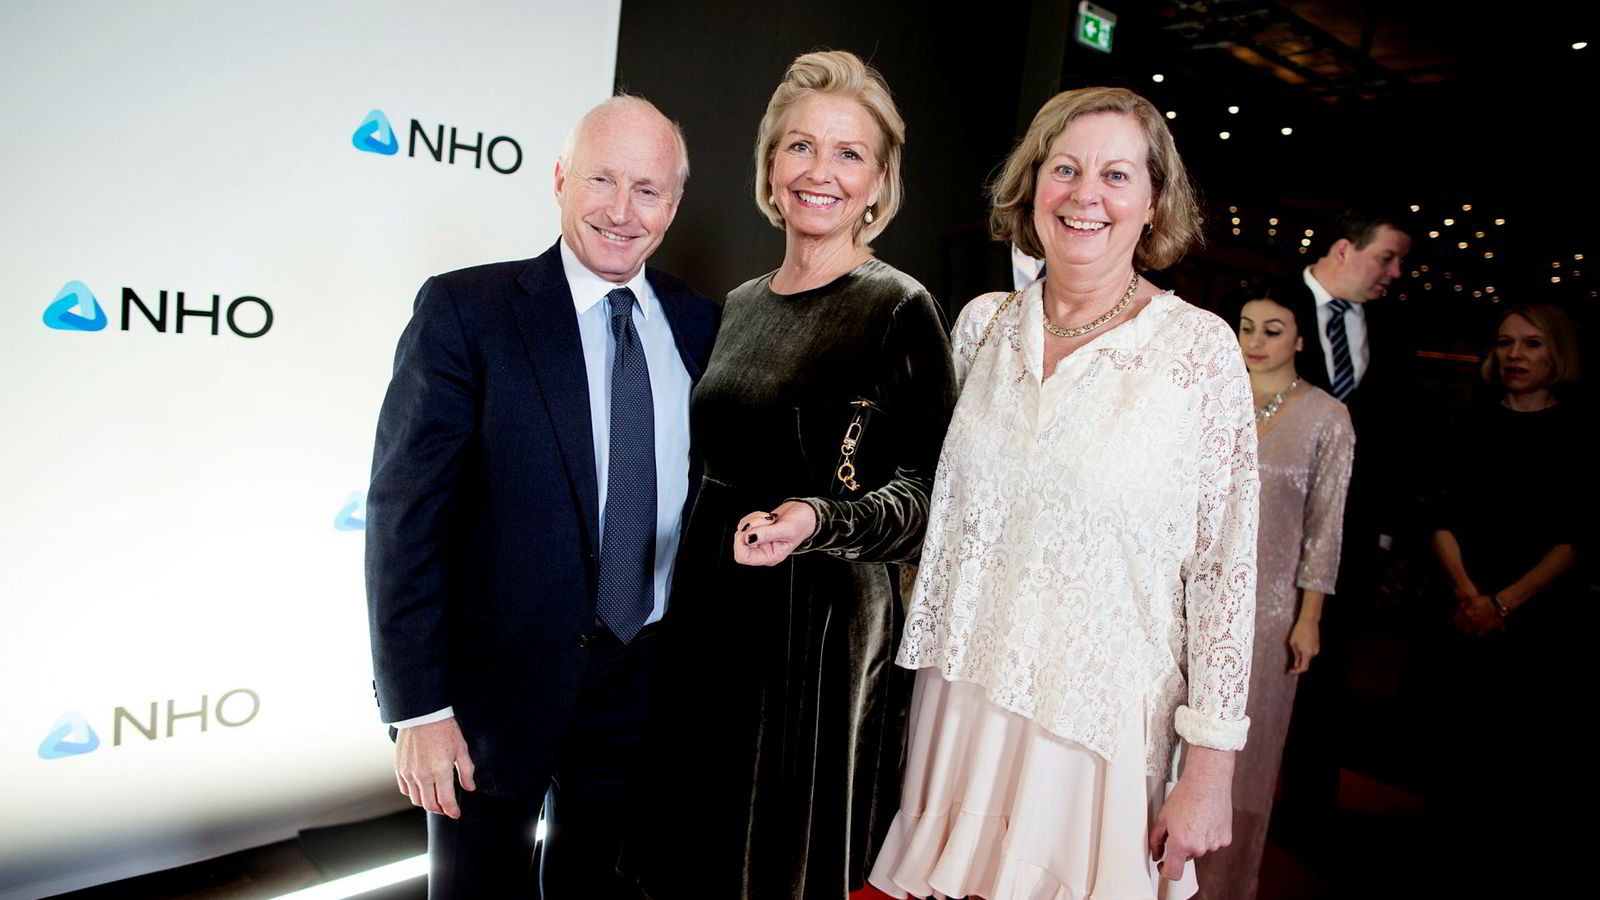 Fra venstre Christian Ringnes, Berit Kjøll og Berit Svendsen ankom torsdag kveld festmiddagen i anledning NHOs årskonferanse i Oslo Spektrum.